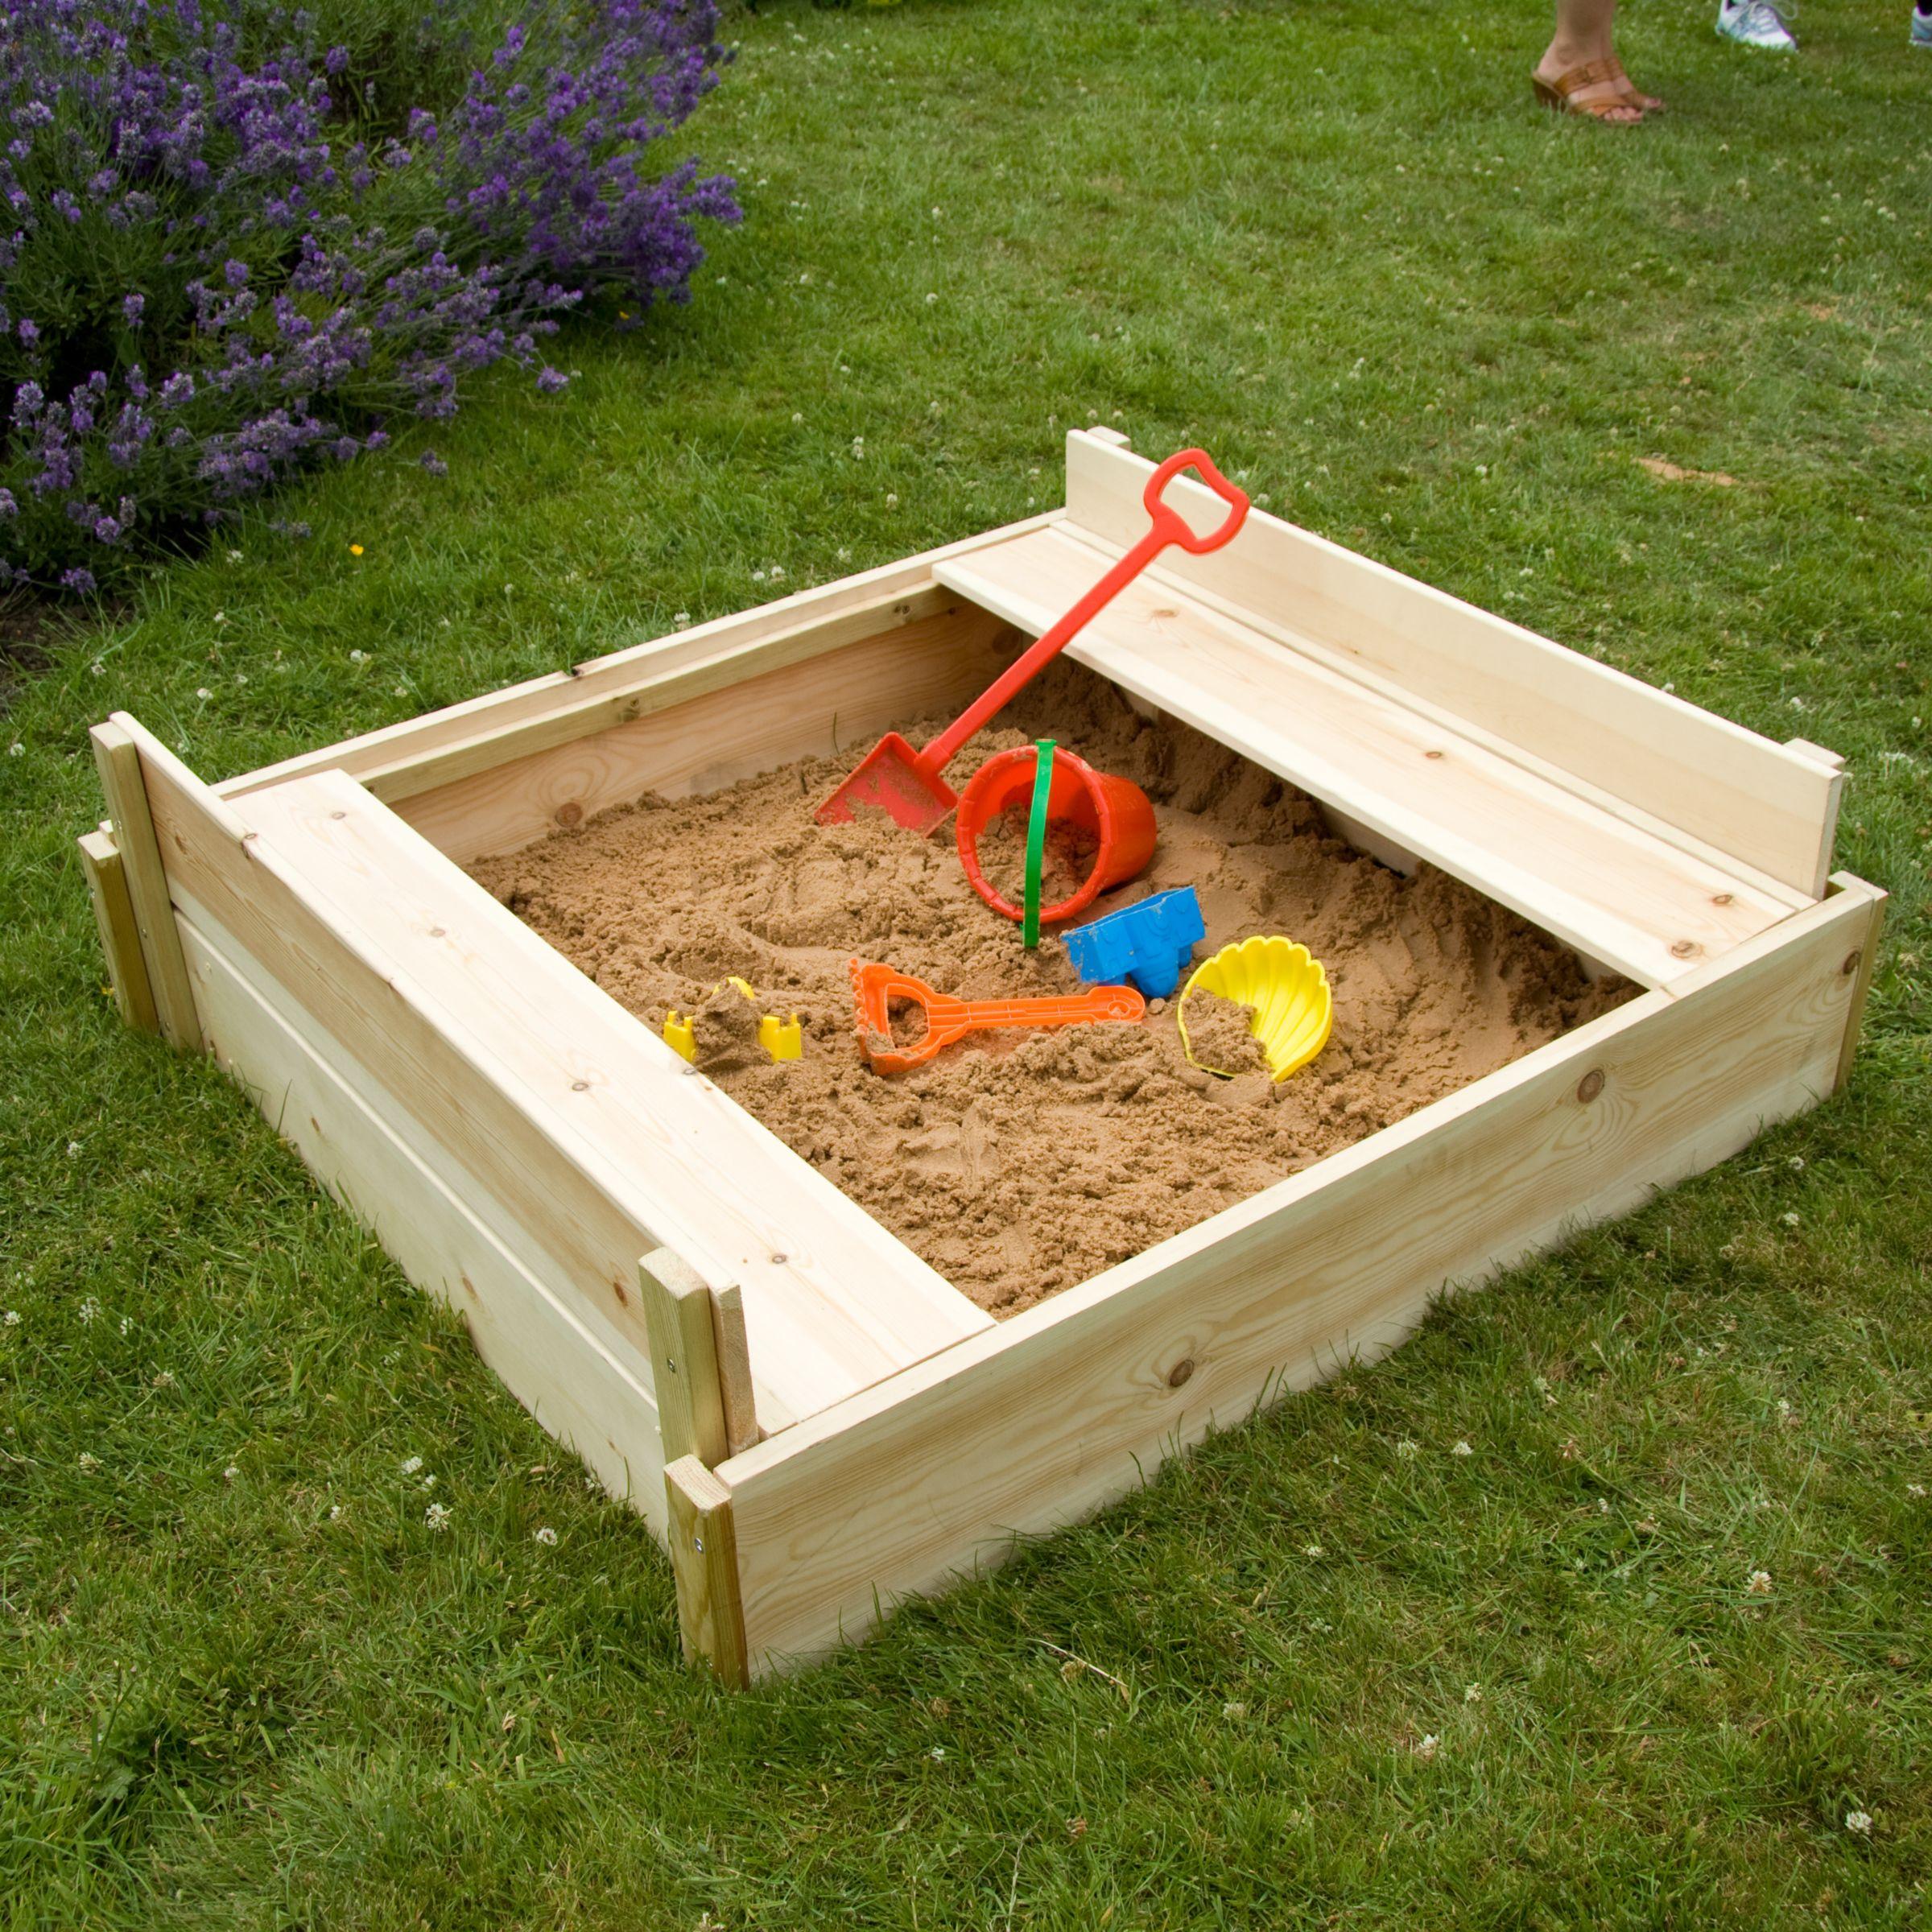 TP292 Wooden Lidded Sandpit